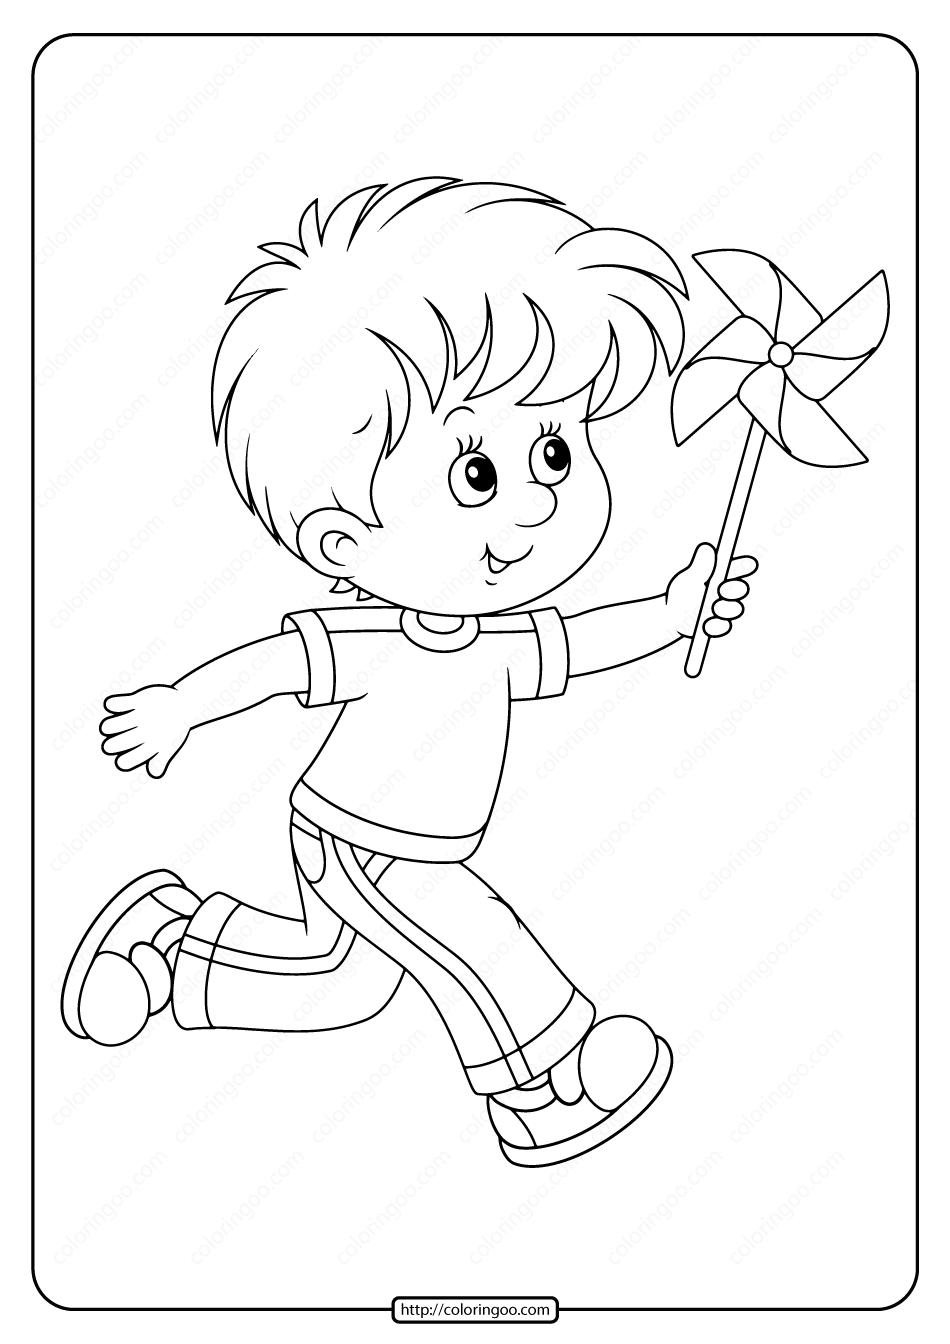 Boy Playing With Pinwheel Pdf Coloring Page Coloring Pages Boys Playing Coloring Books